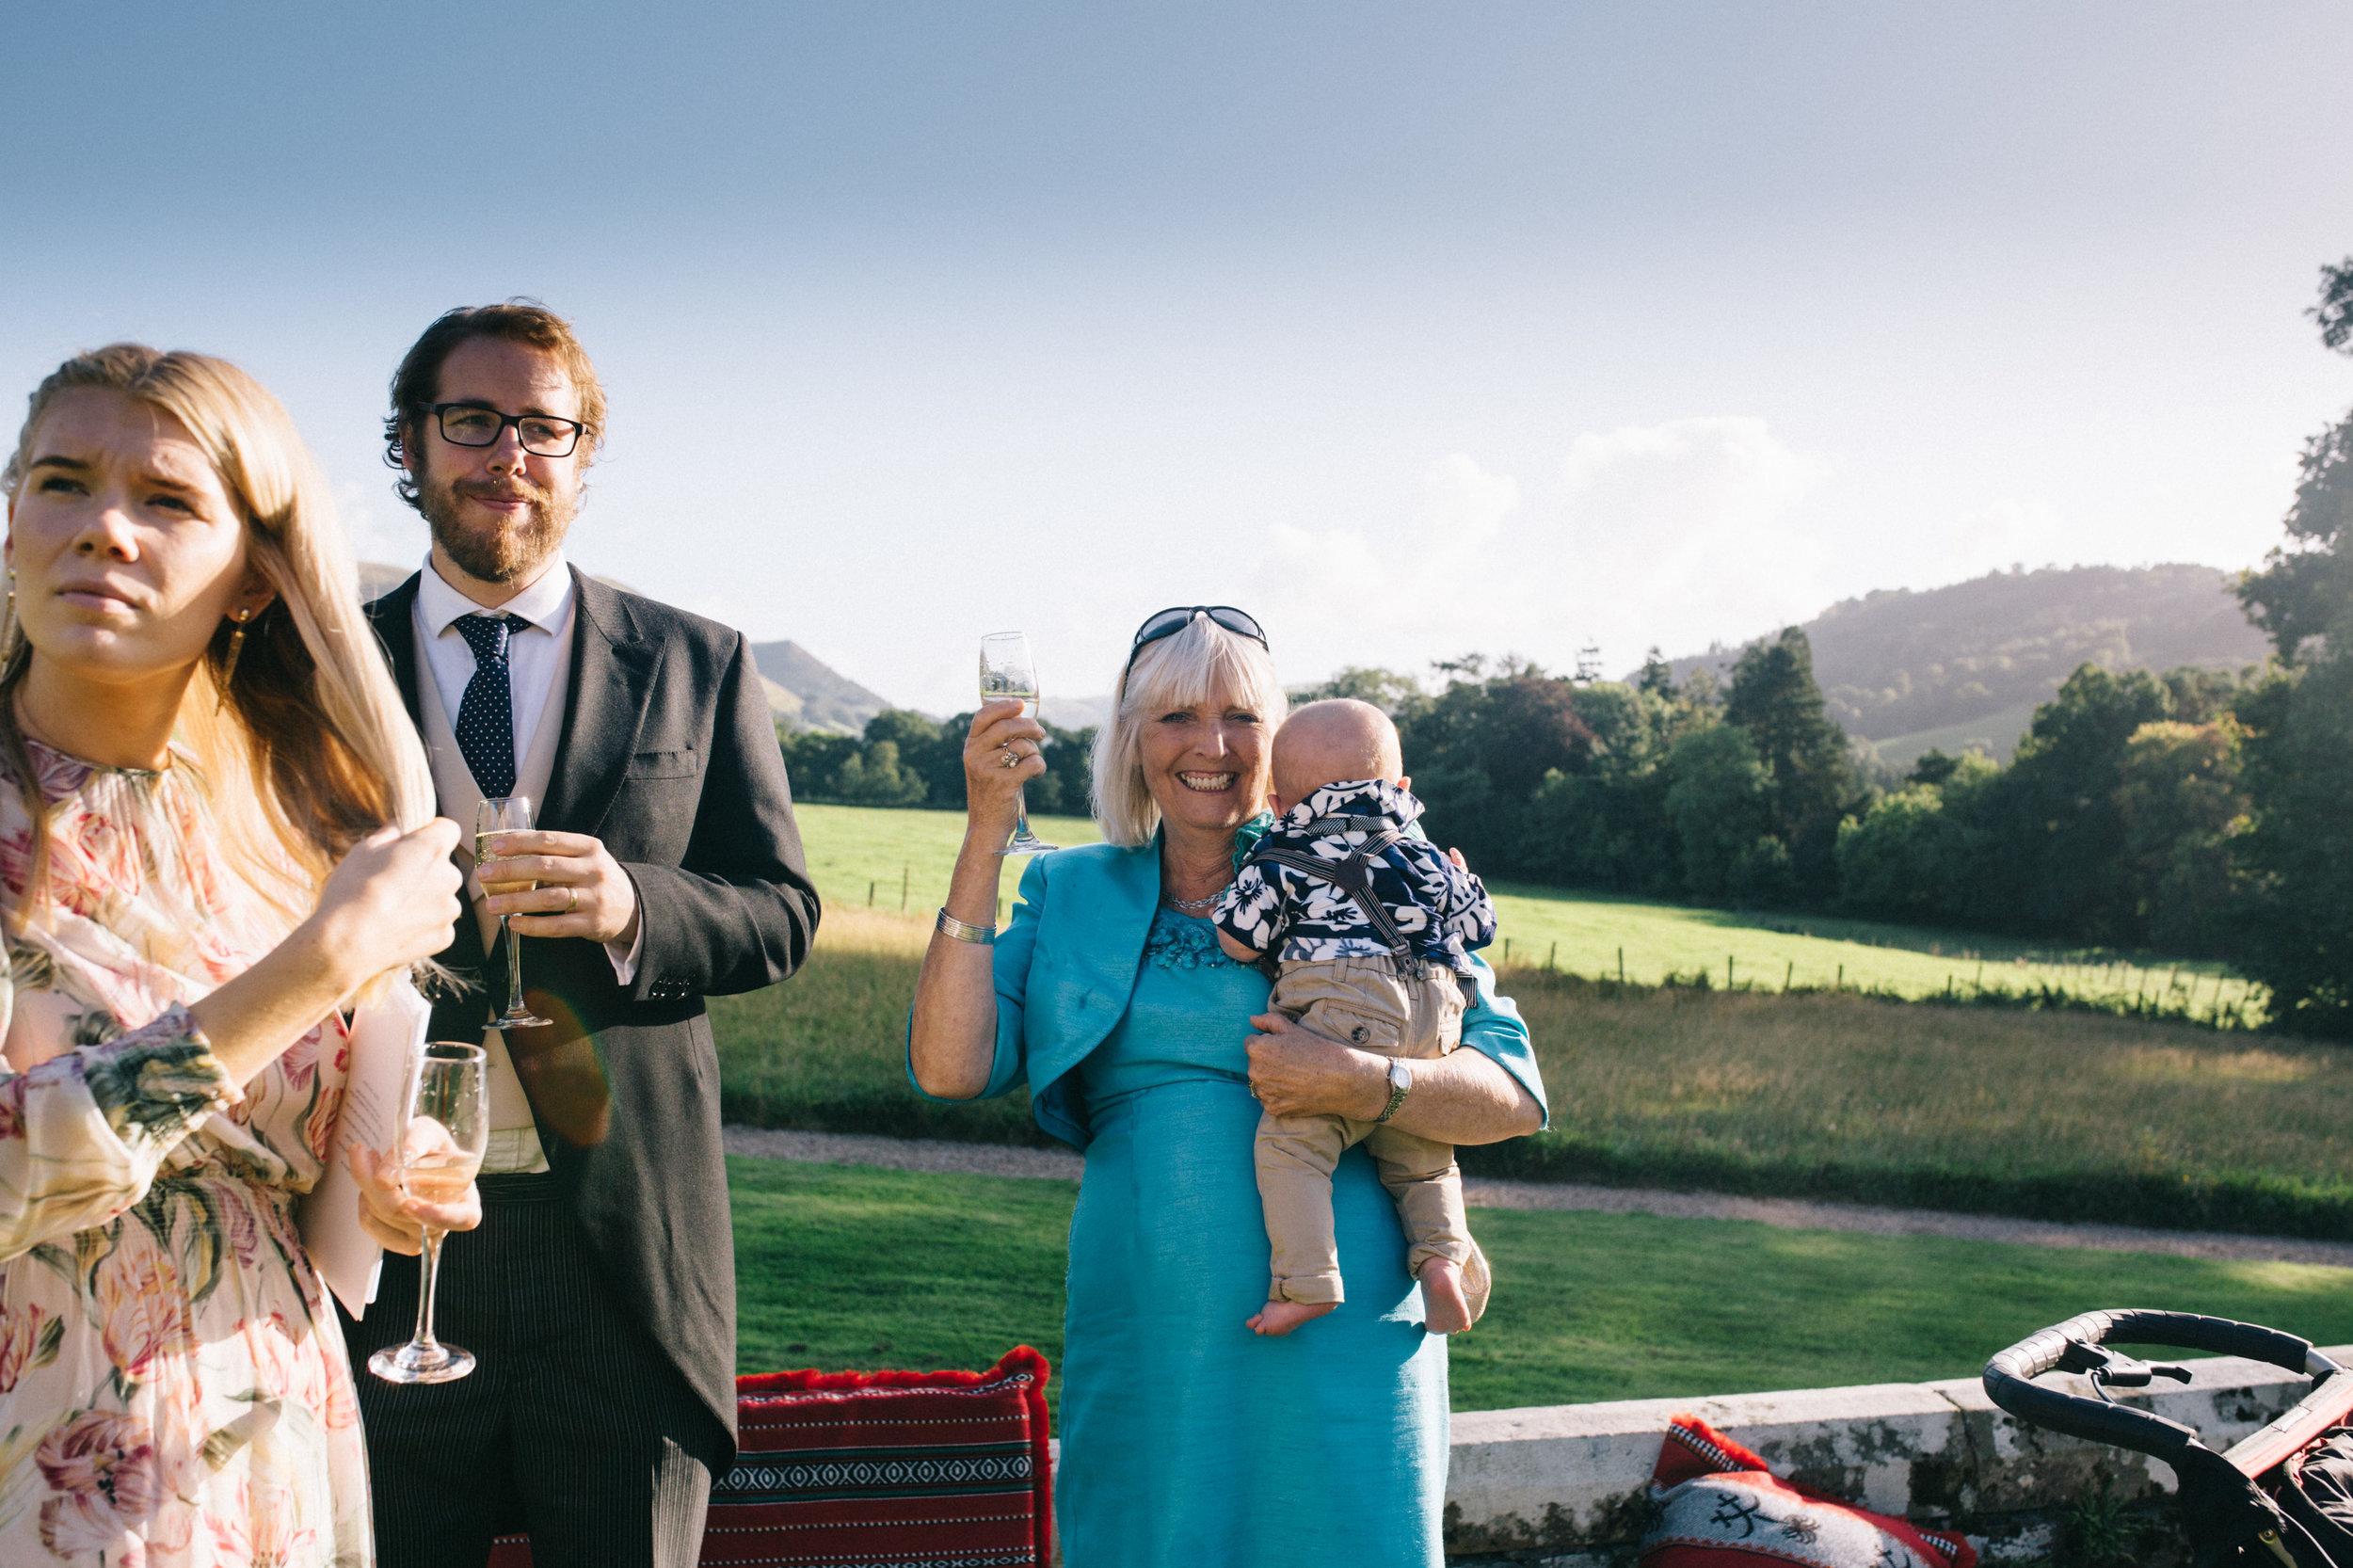 uk wedding photographer artistic wedding photography-95.jpg